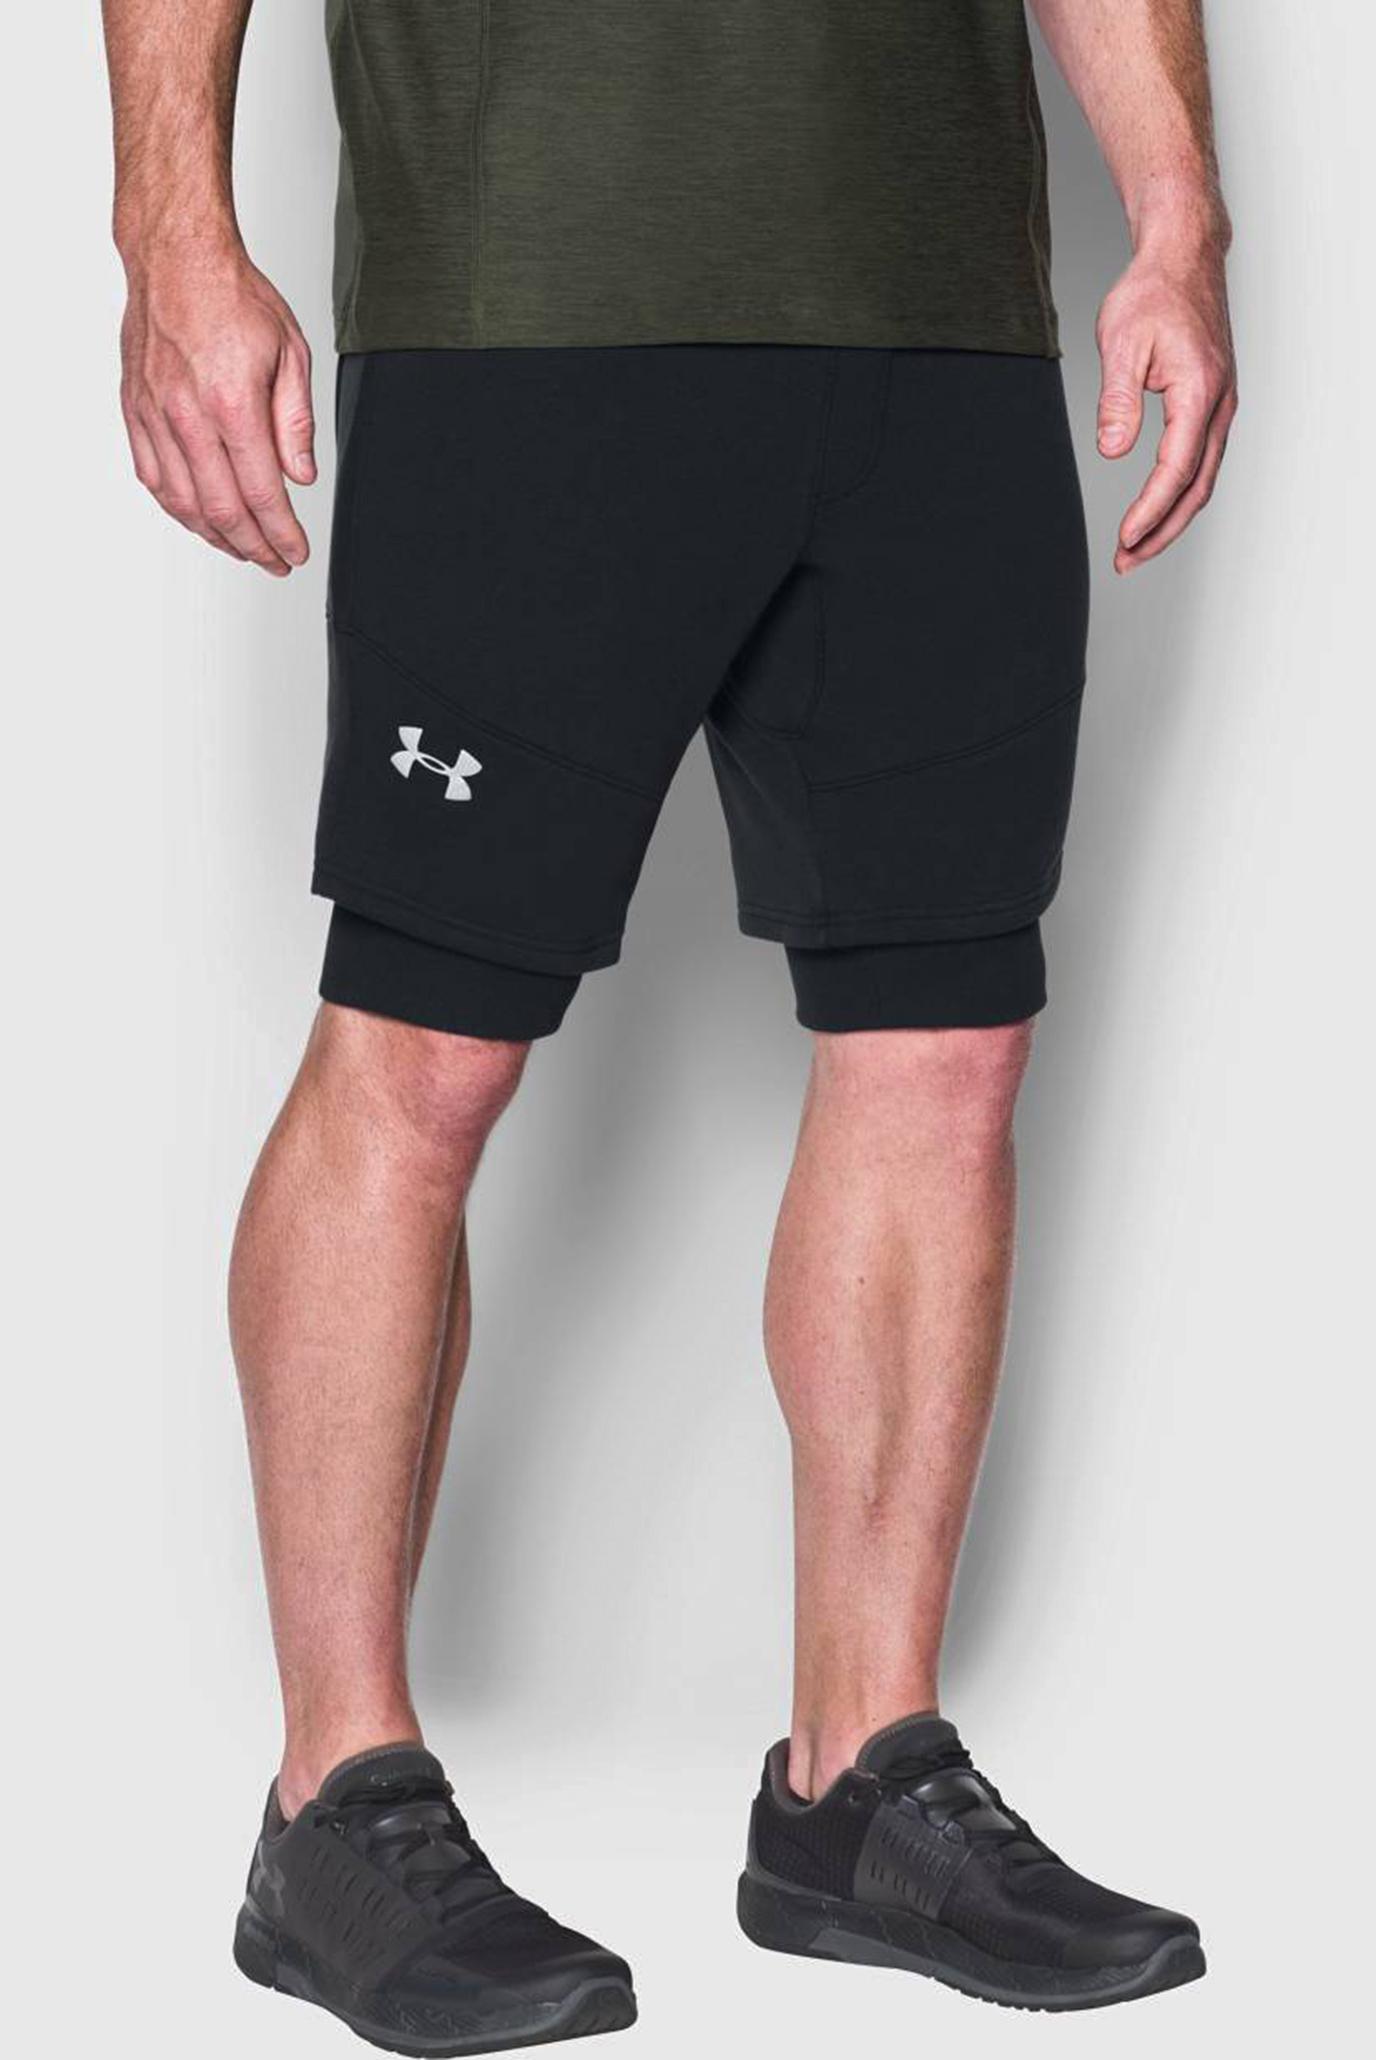 Купить Мужские черные шорты Threadborne Novelty Short Under Armour Under Armour 1299139-001 – Киев, Украина. Цены в интернет магазине MD Fashion